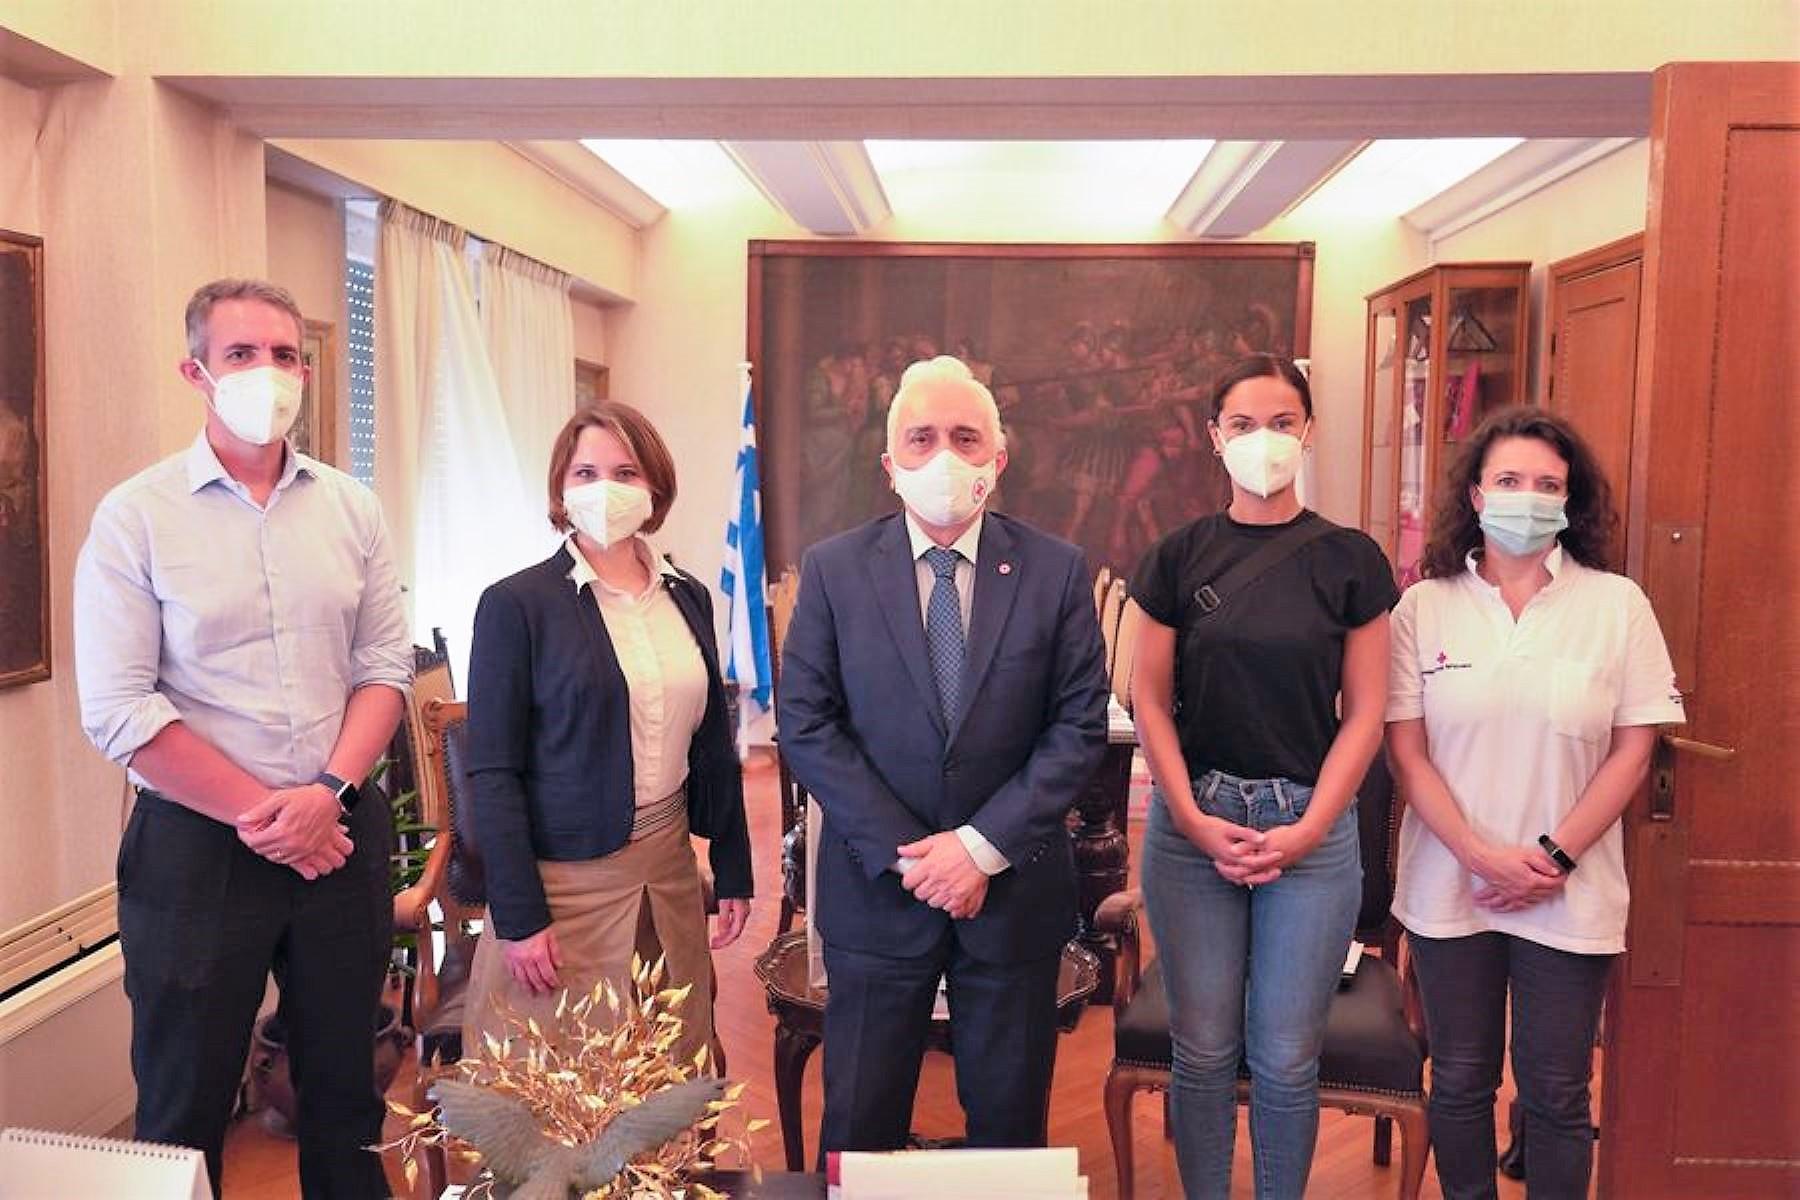 Γερμανικού και Αυστριακού Ερυθρού Σταυρού: Κλιμάκια στη Μυτιλήνη